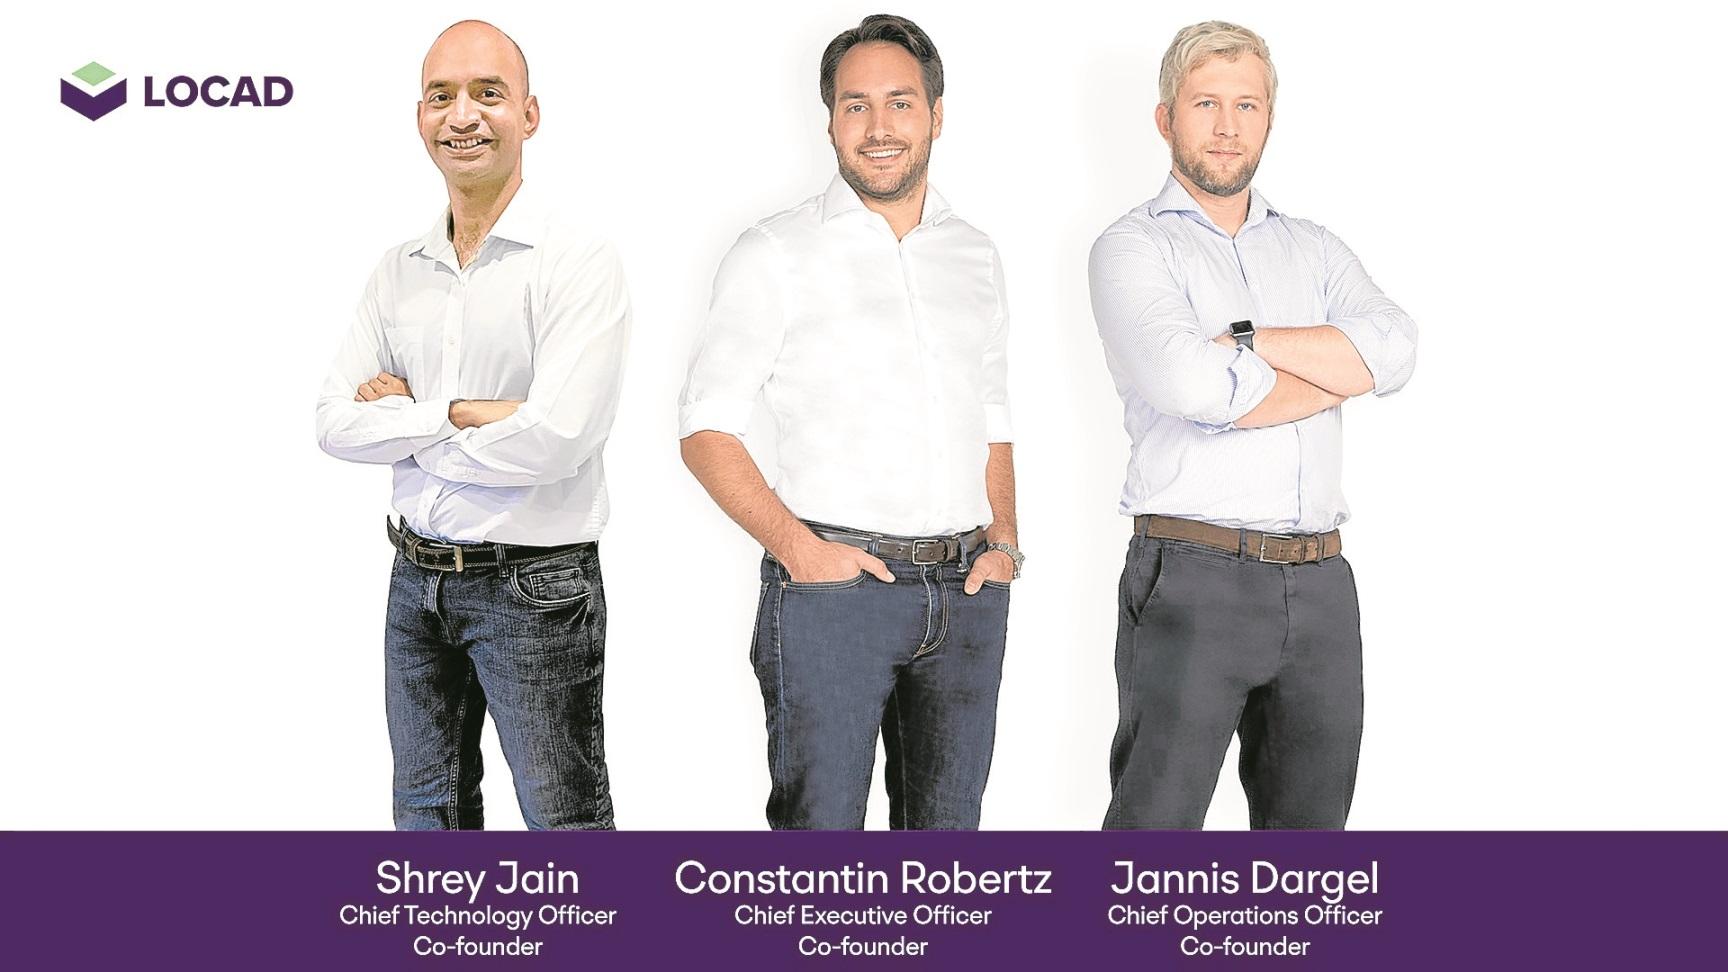 locad executives